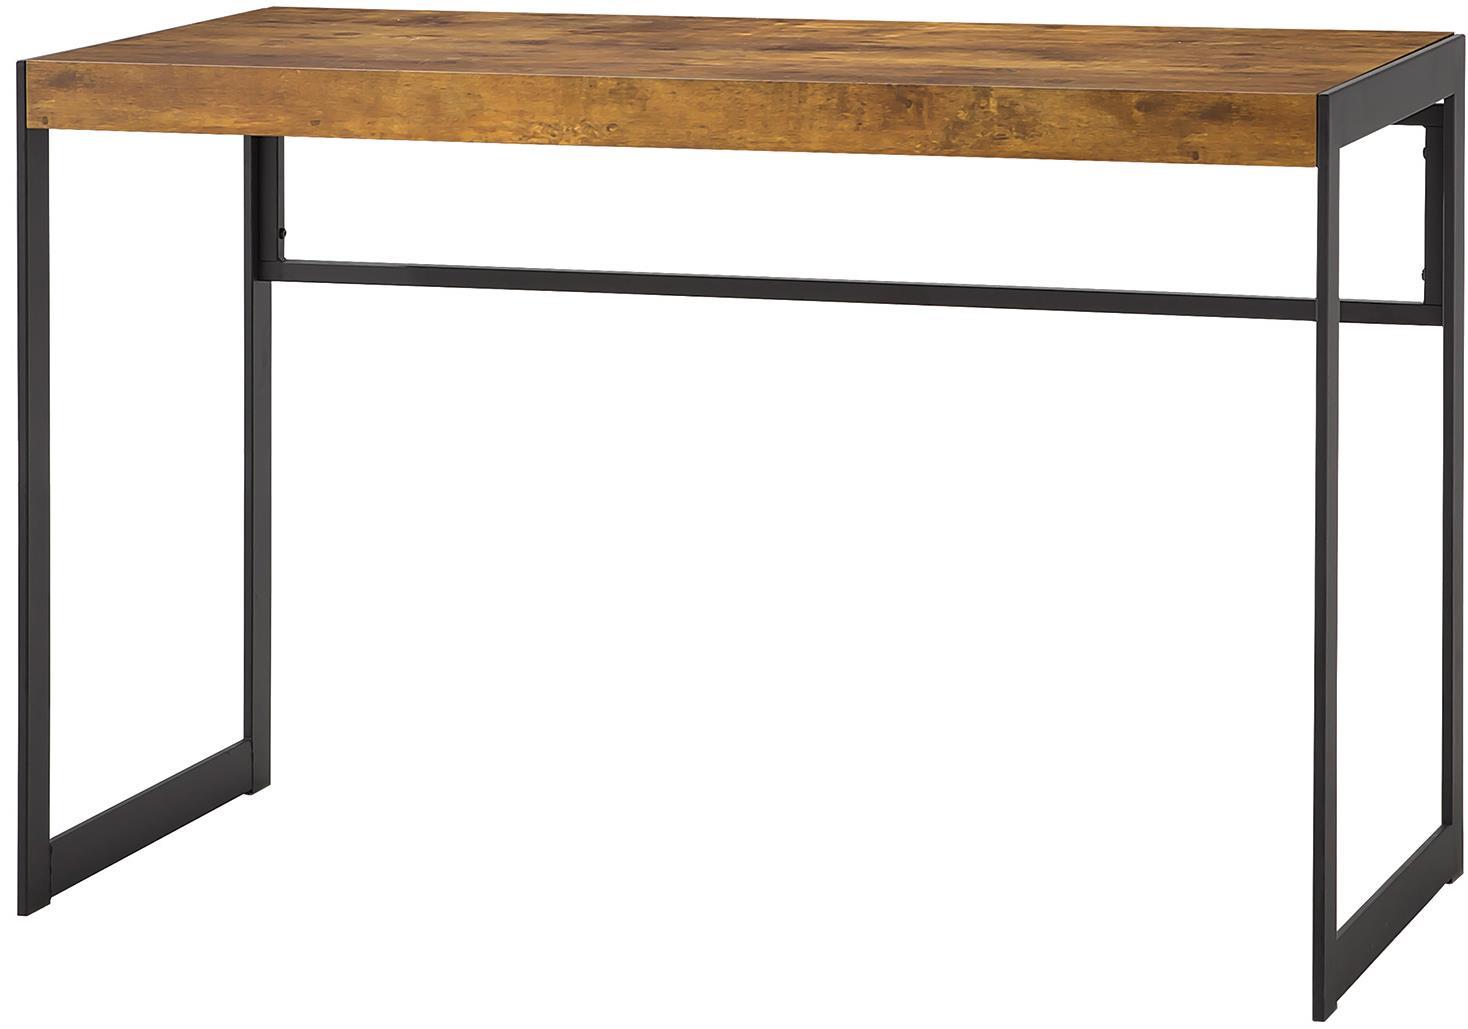 coaster estrella computer desk  item number . coaster estrella industrial computer desk with metal frame  value